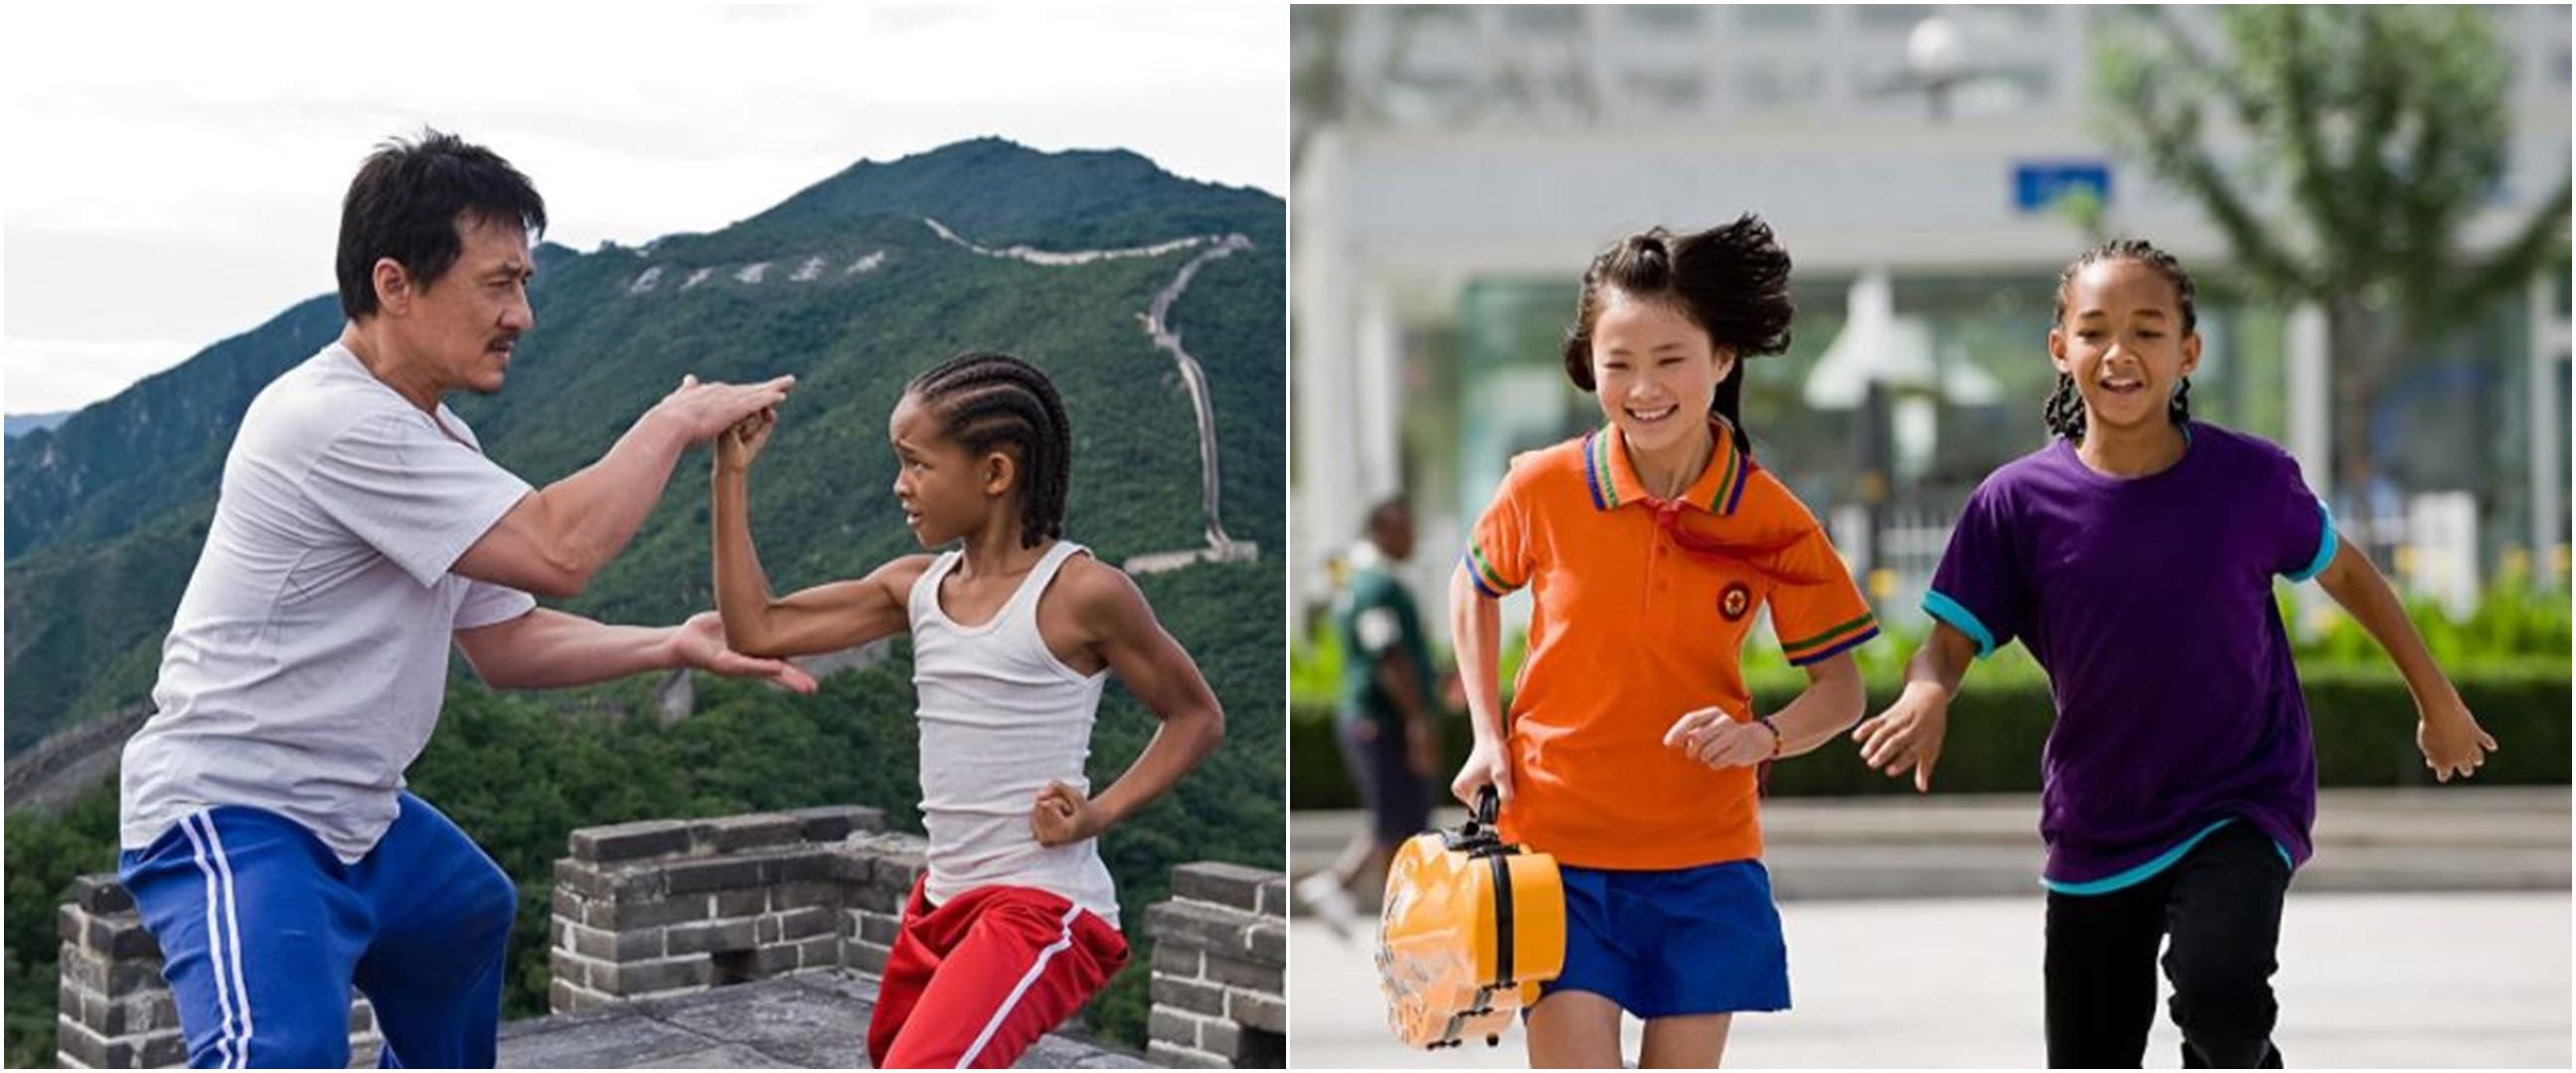 10 Tahun berlalu, begini kabar terbaru 7 pemain film Karate Kid